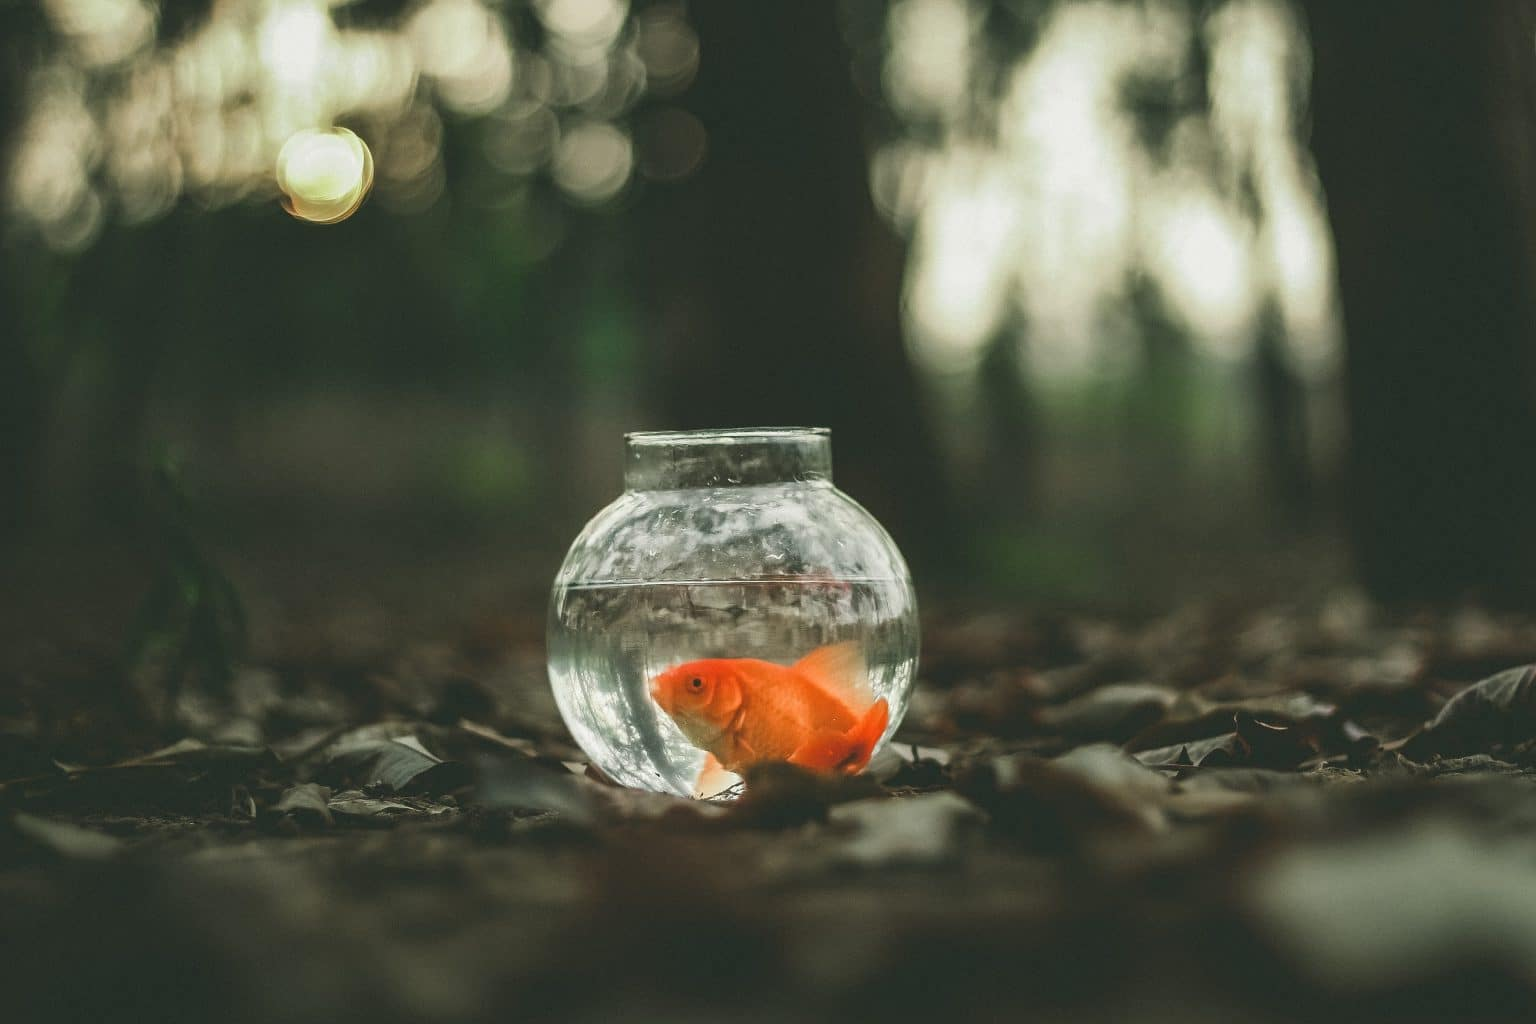 Goldfisch im Glas im Wald